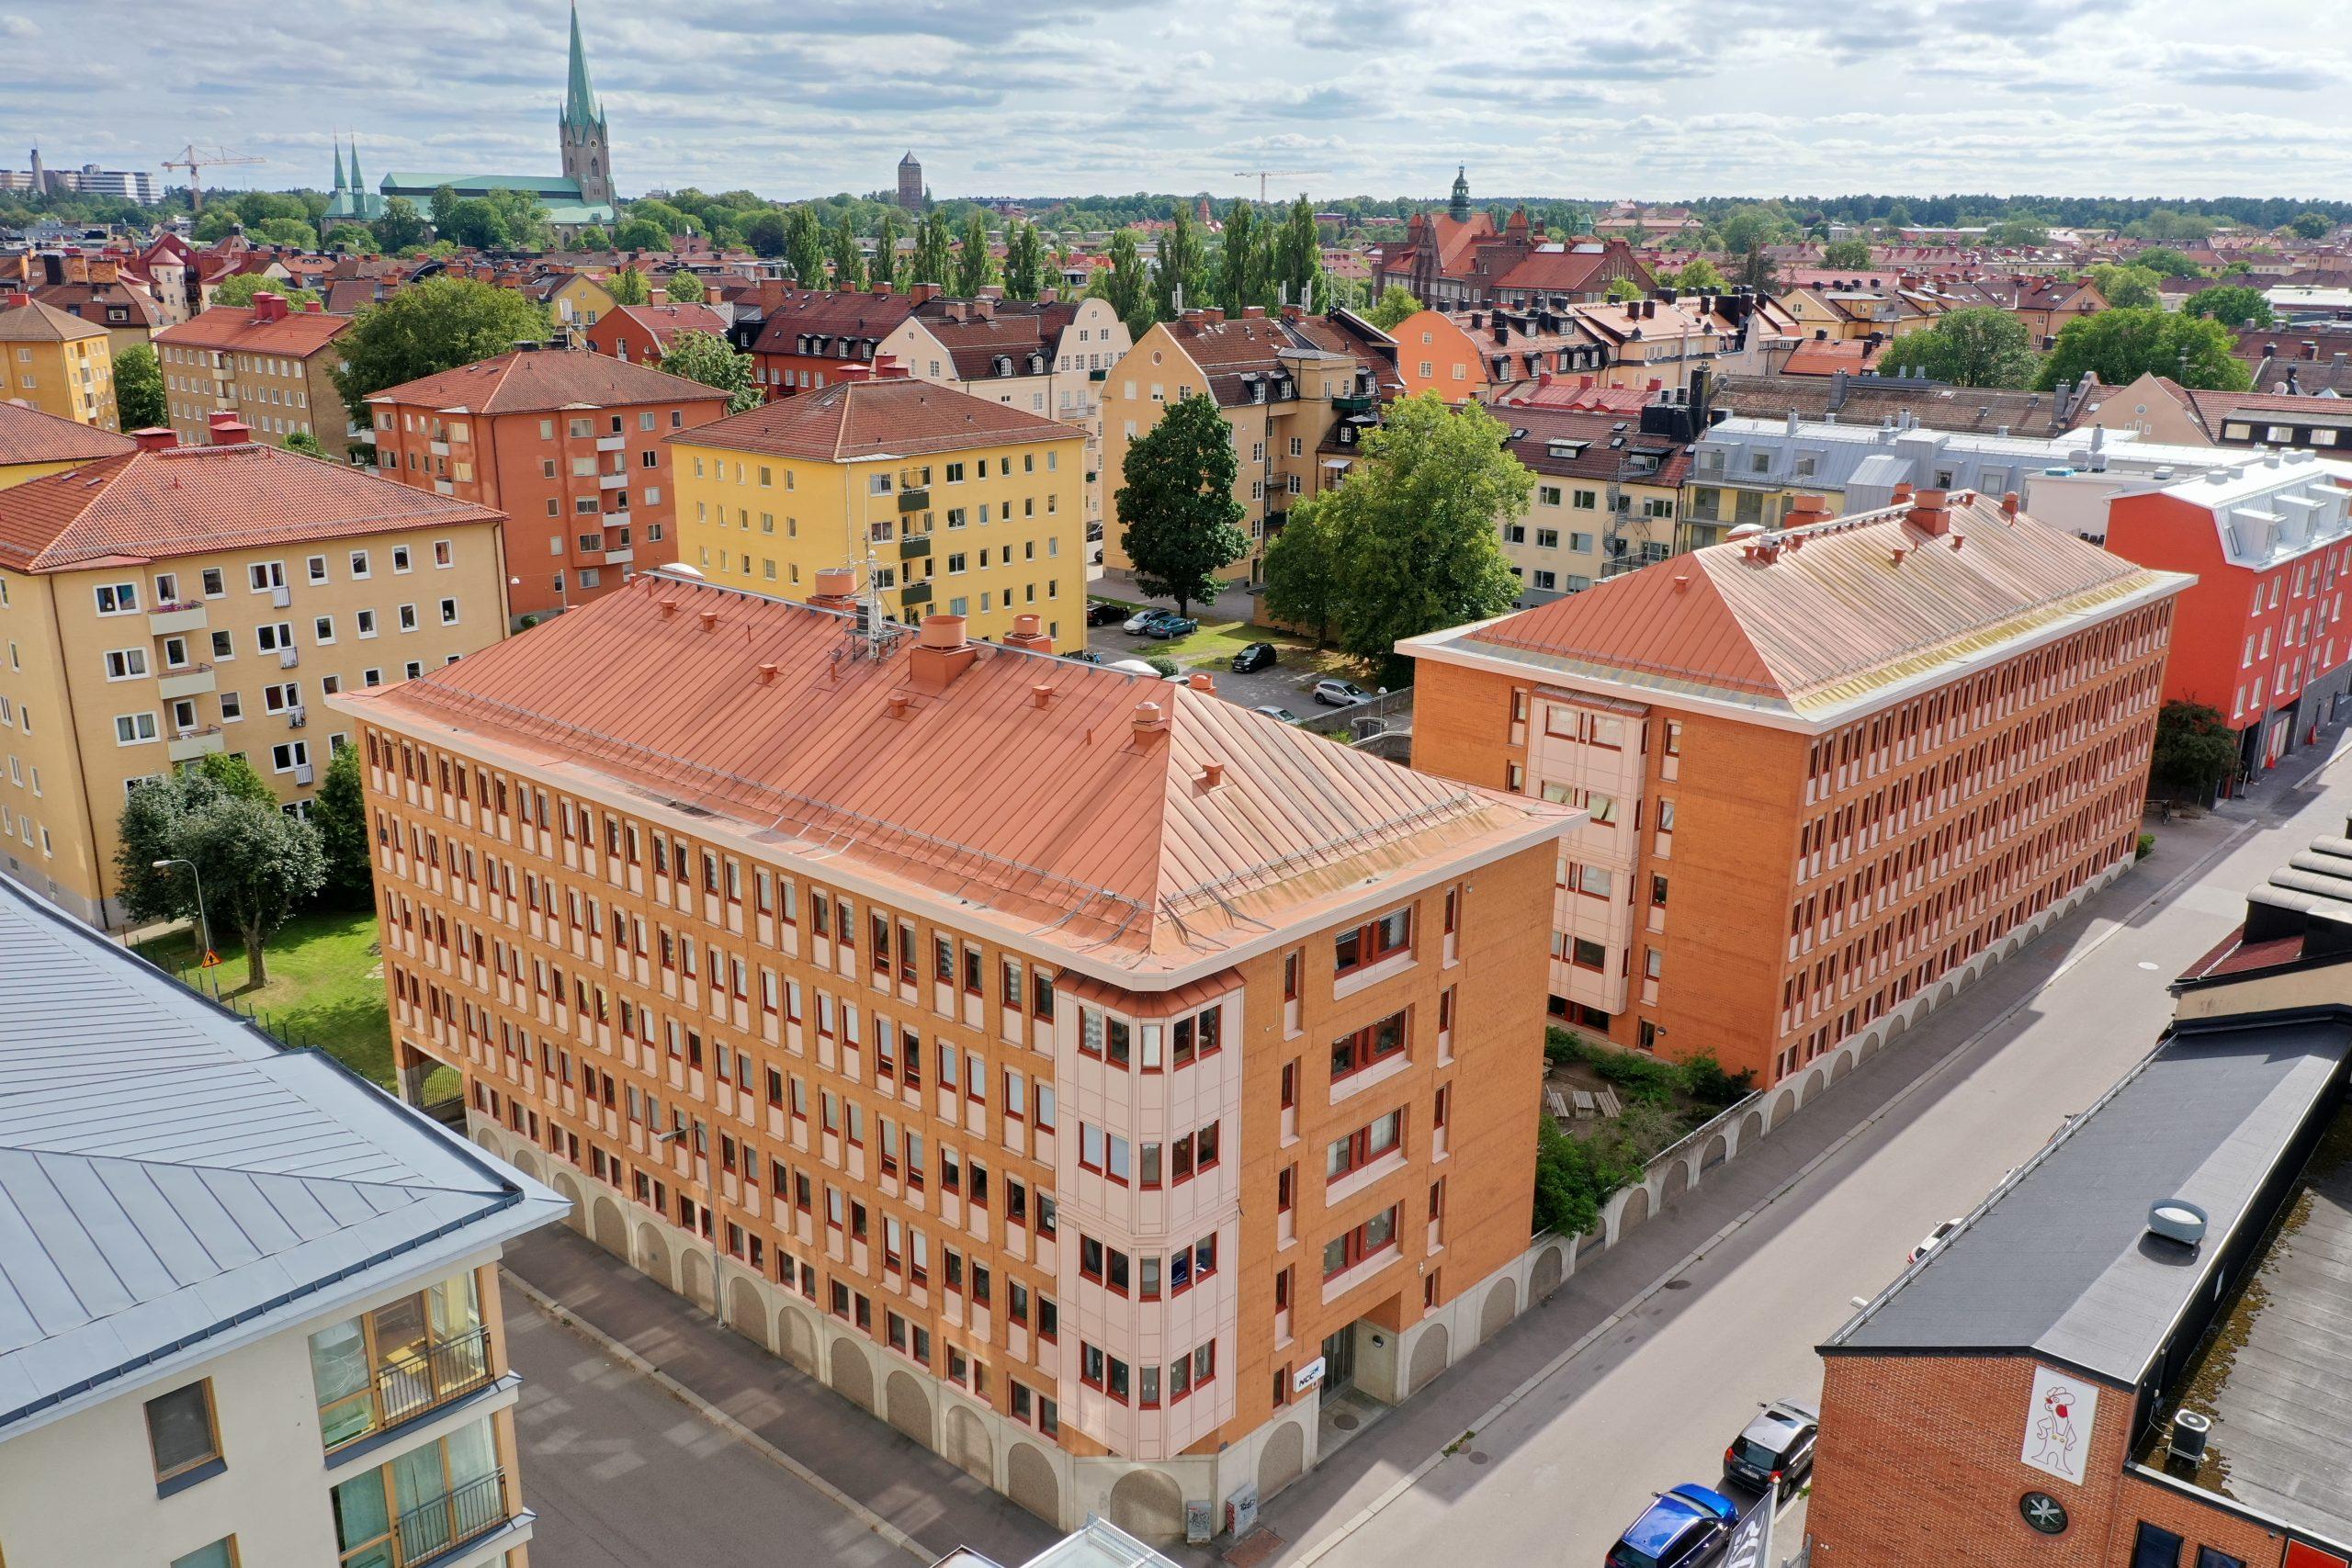 FirstOffice - Vasastaden